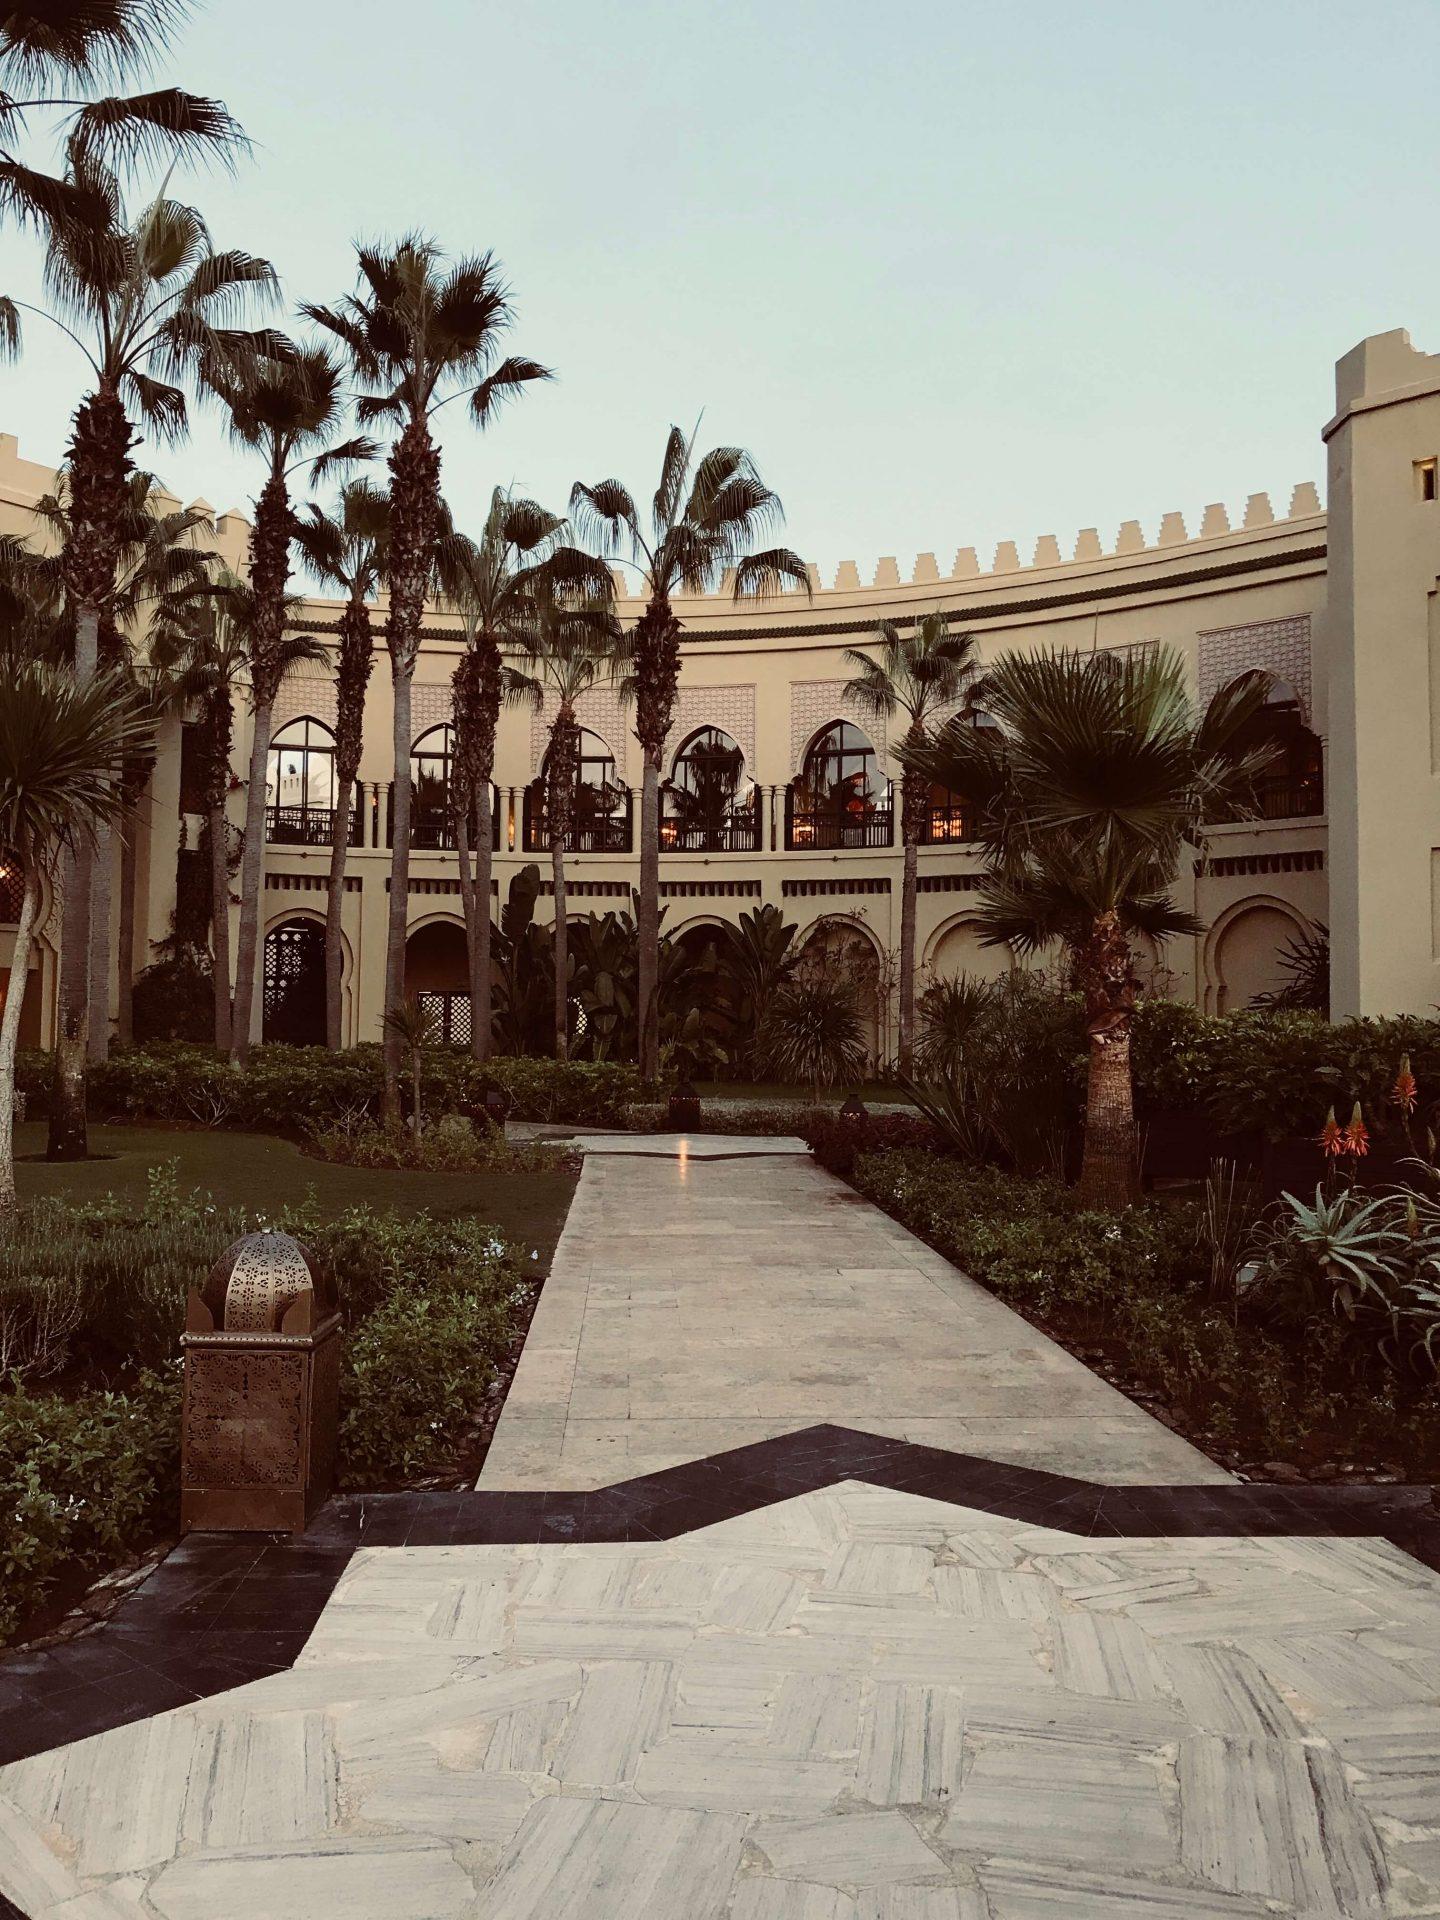 Séjour Maroc Mazagan Casablanca L'atelier d'al blog mode voyages